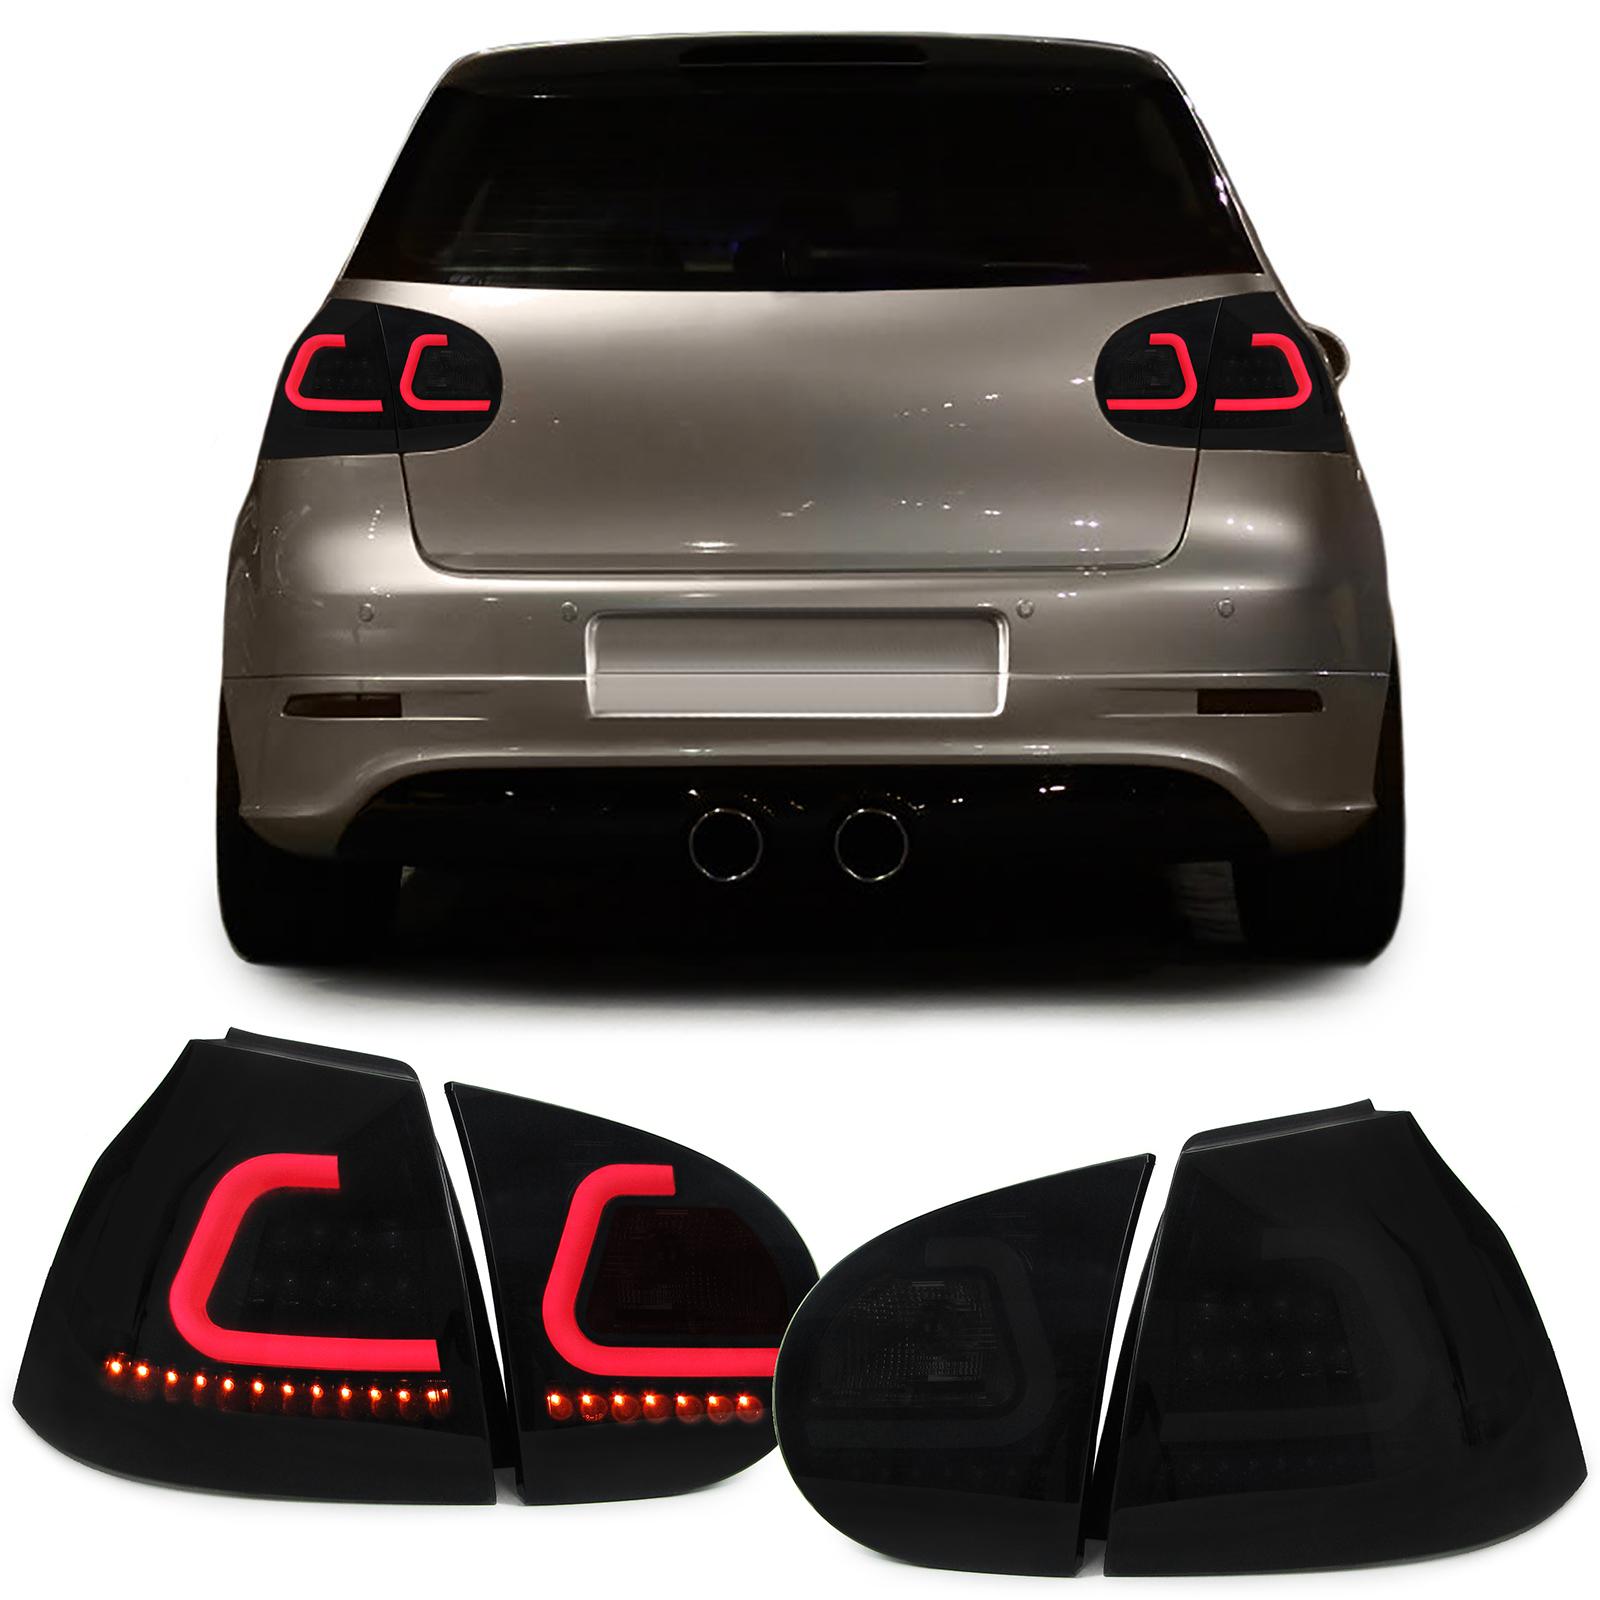 VW Golf 5 Farolins LED Fumado com pisca dinamico